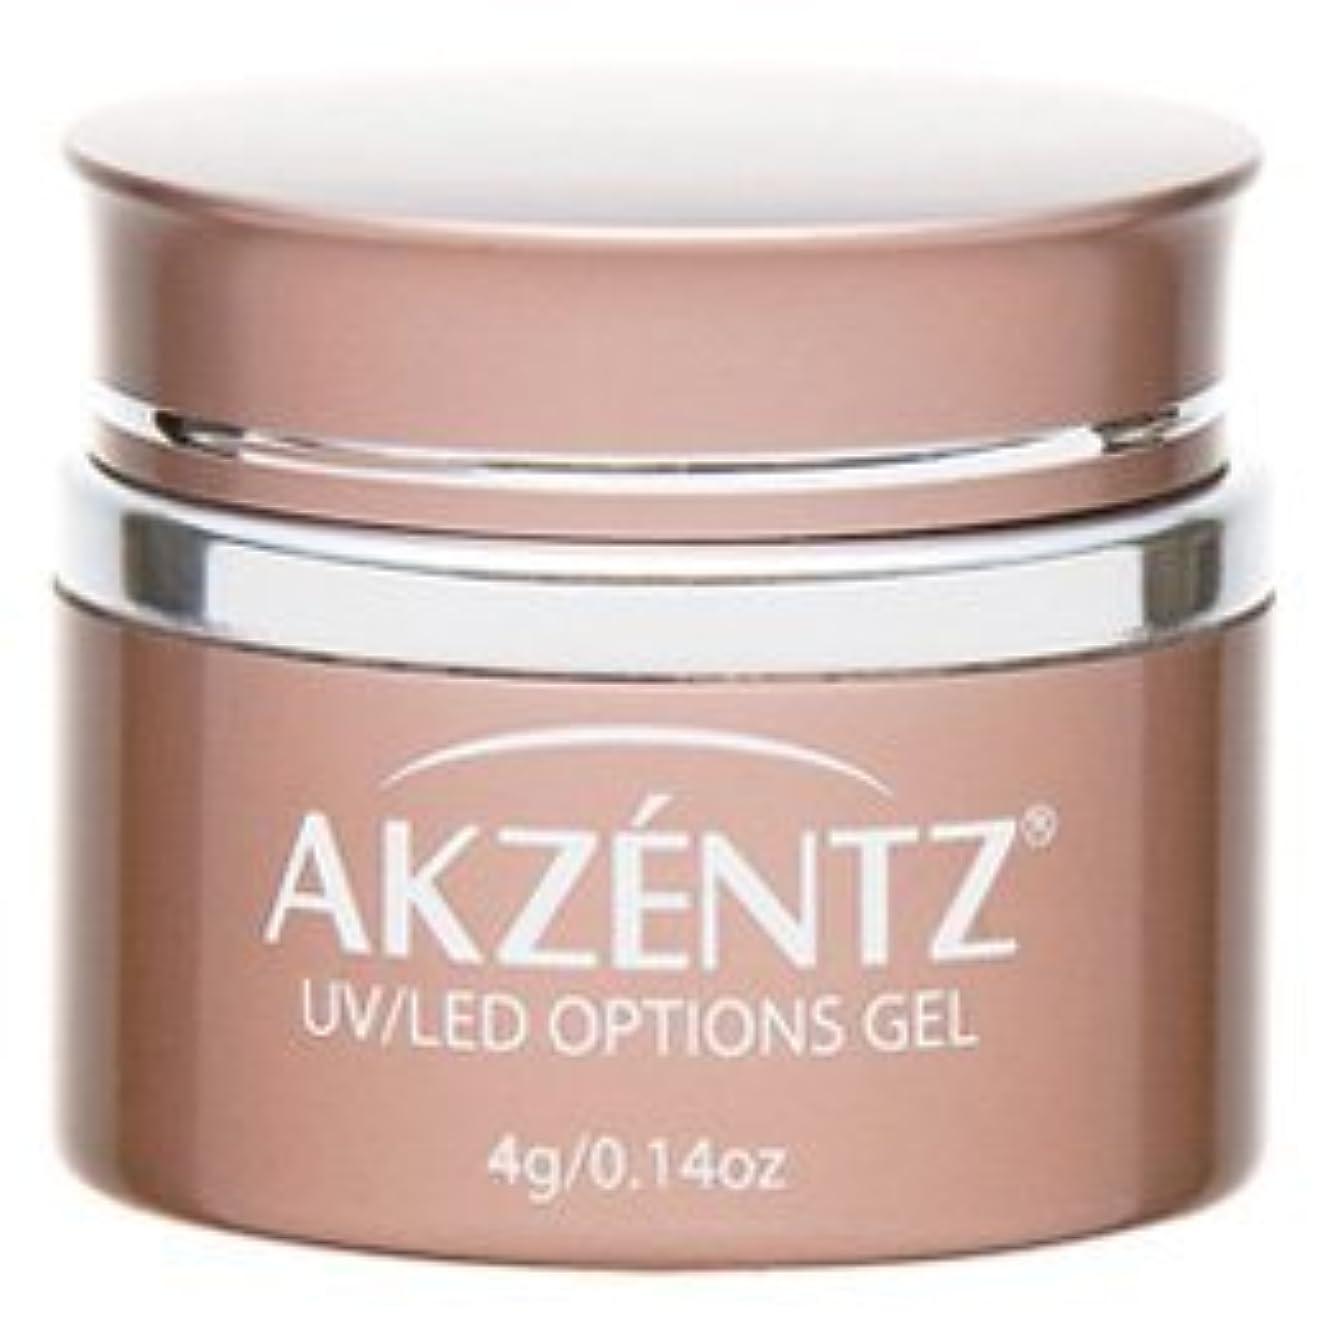 インシデント気まぐれな文字AKZENTZ(アクセンツ) UV/LED オプションズ クリアジェル 4g